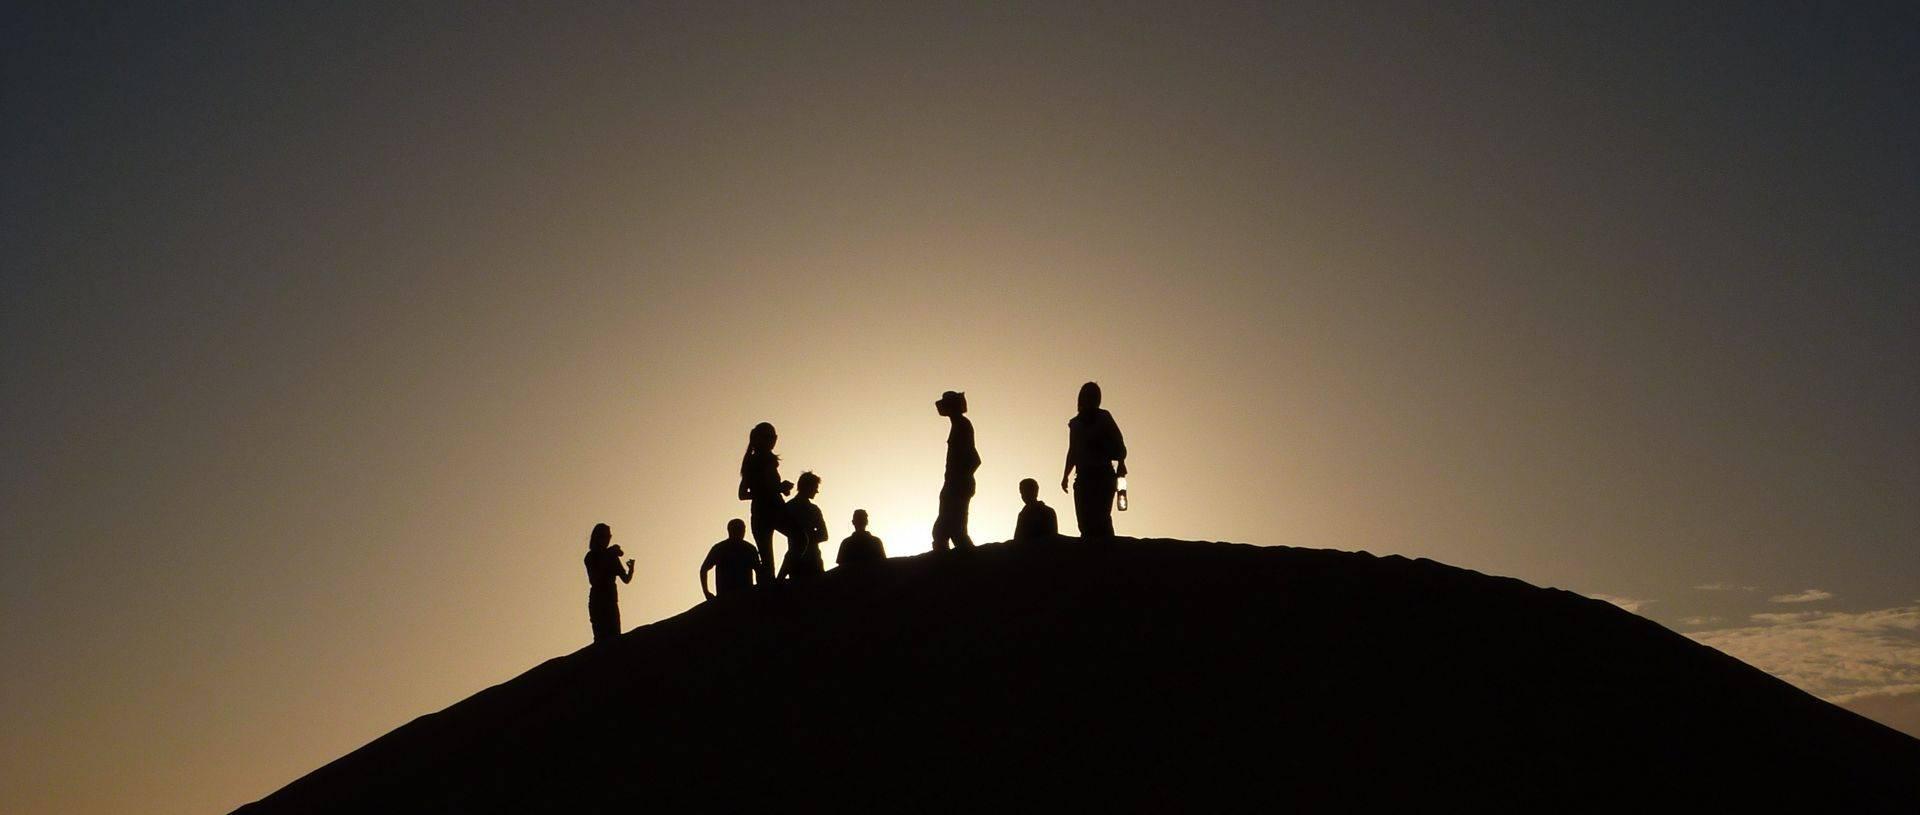 Oasis overlad group enjoying sunset in the desert.JPG